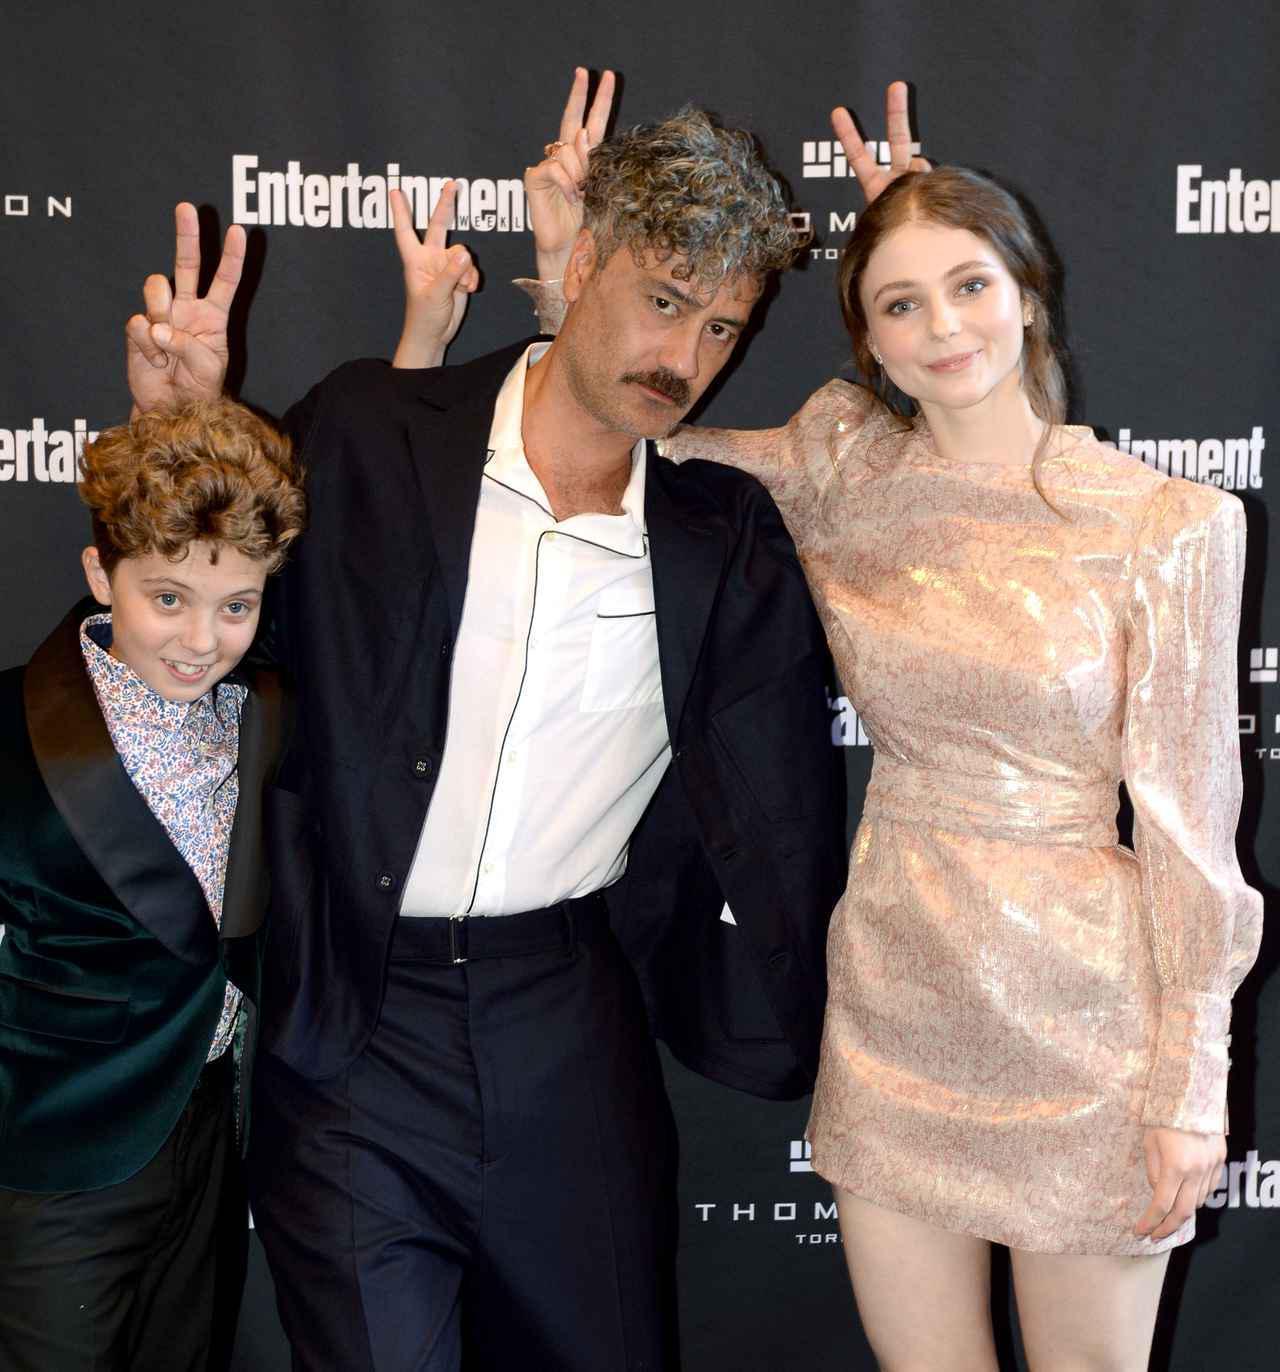 画像: 左から、ジョジョを演じたローマン・グリフィン・デイヴィス、タイカ・ワイティティ、トーマサイン・マッケンジー。